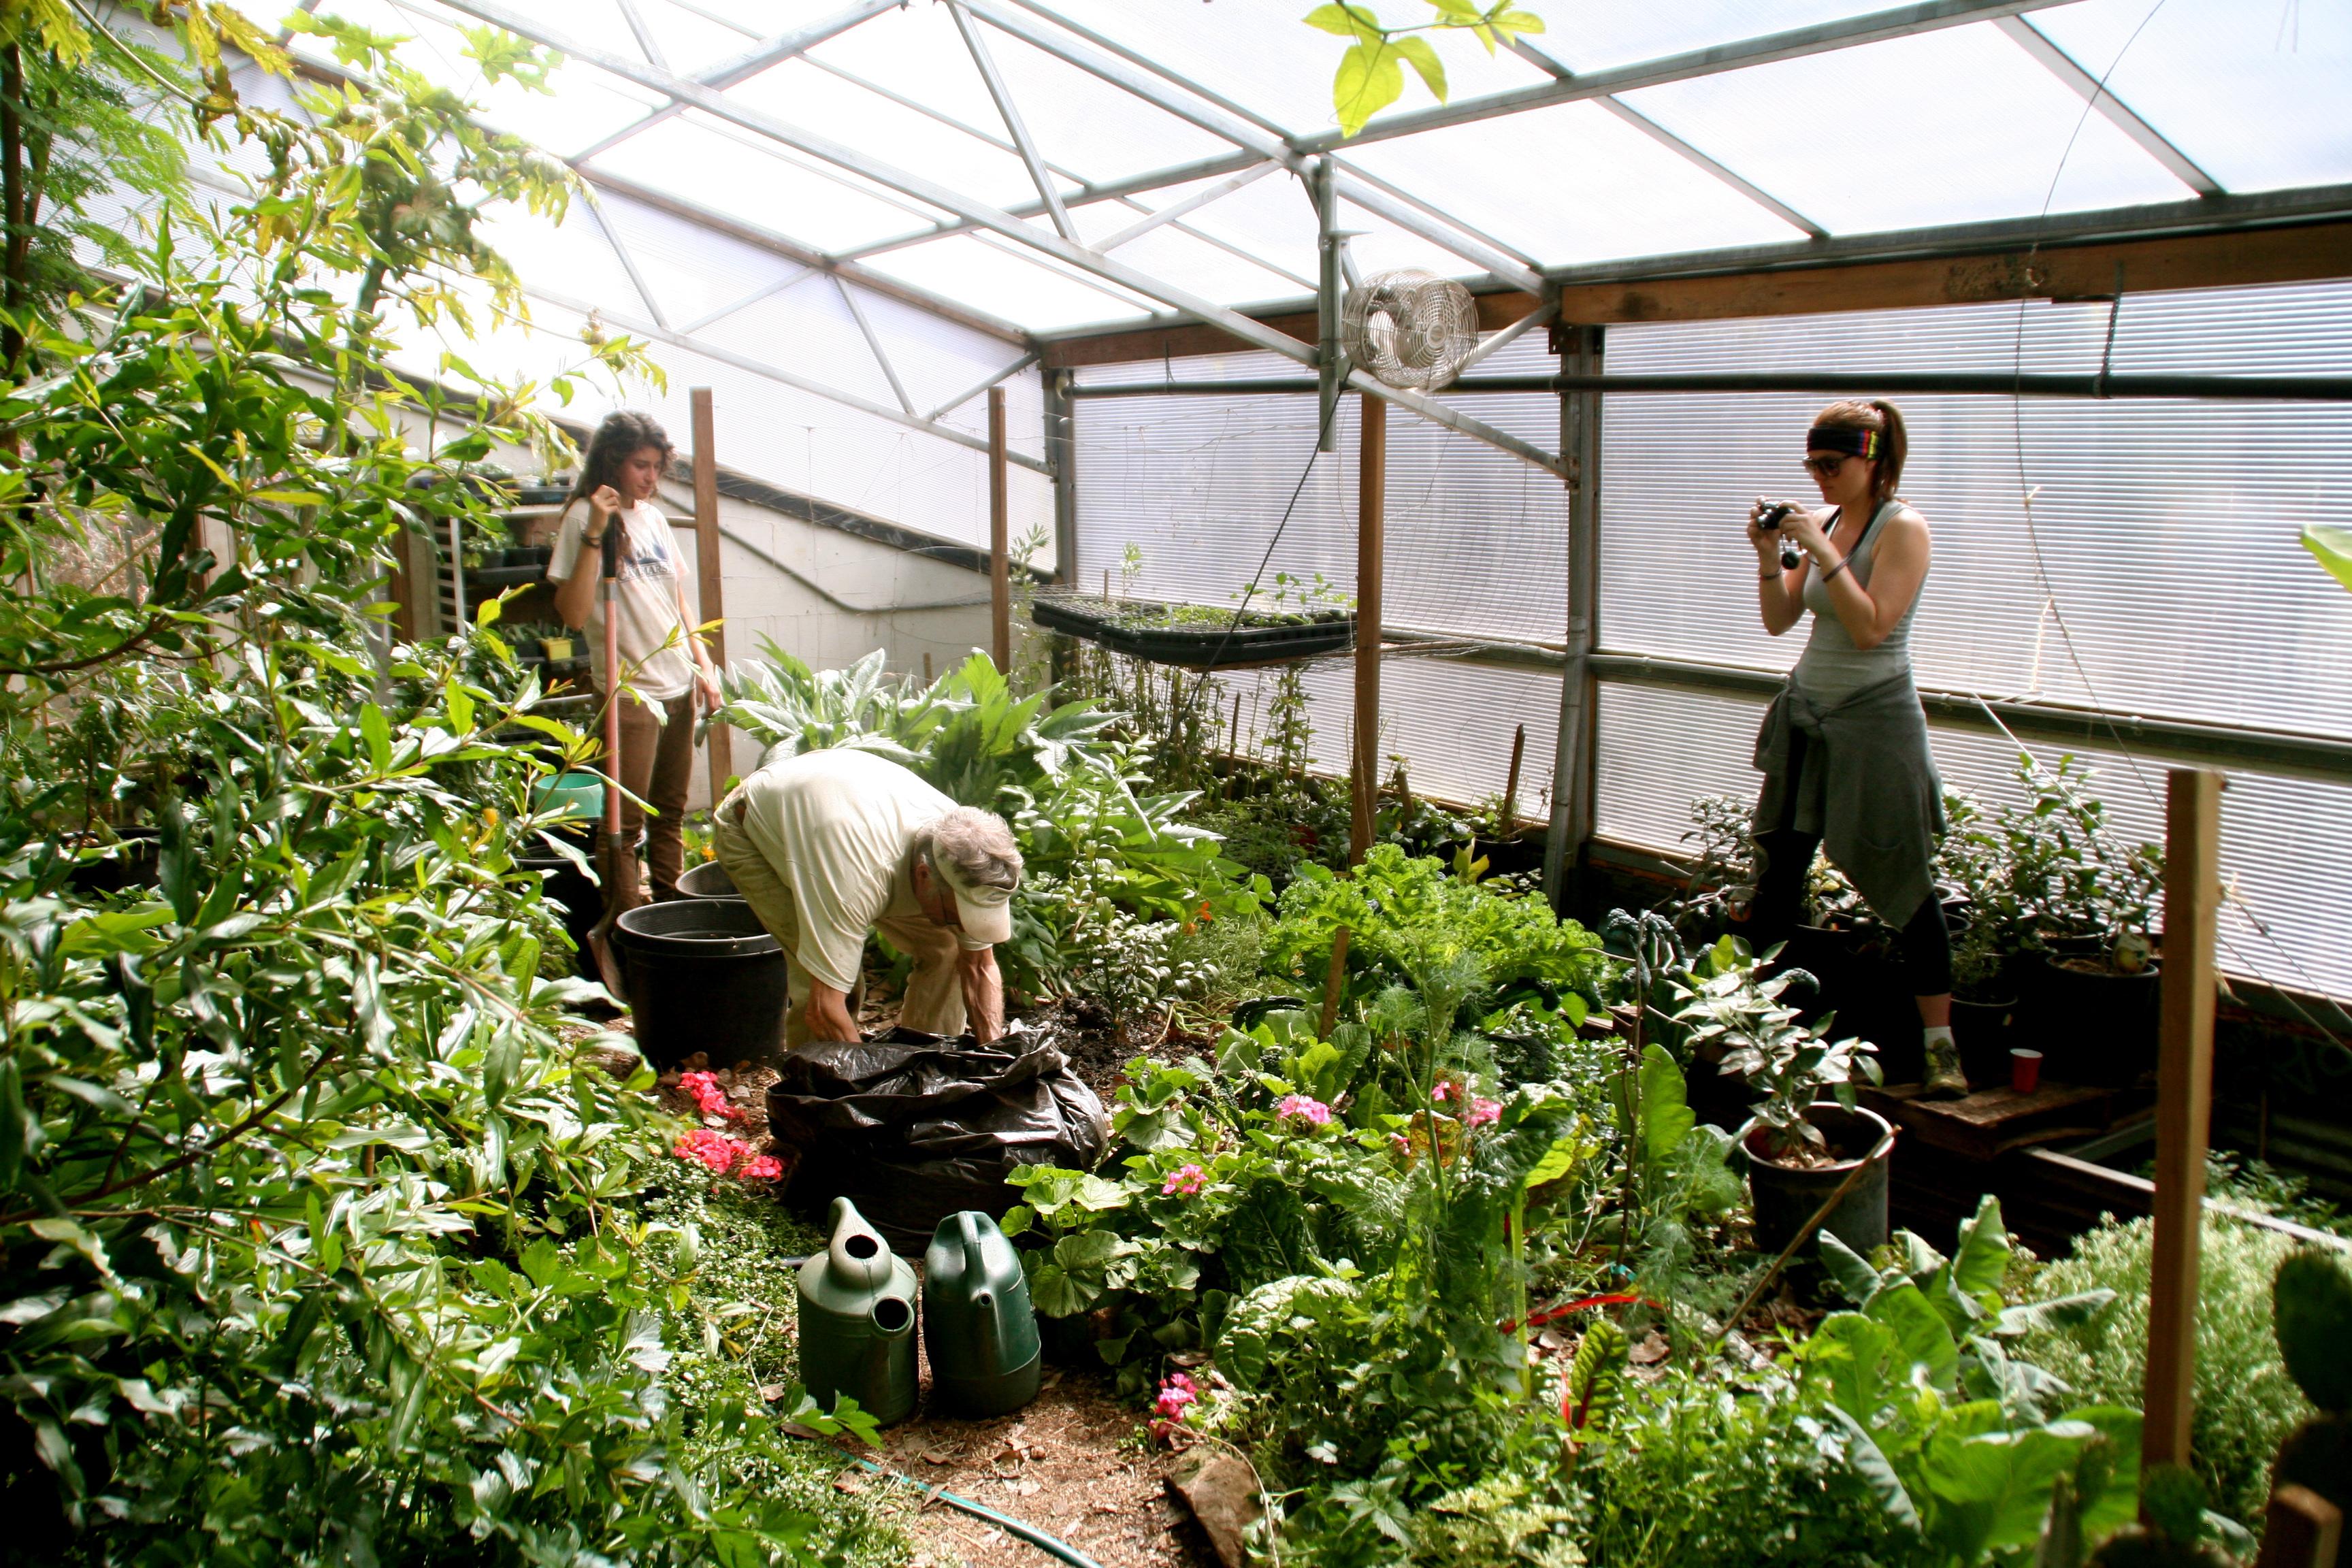 Los individuos toman papeles de liderazgo al tomar responsabilidad en algún aspecto, como jardinería o facilitación de las juntas.